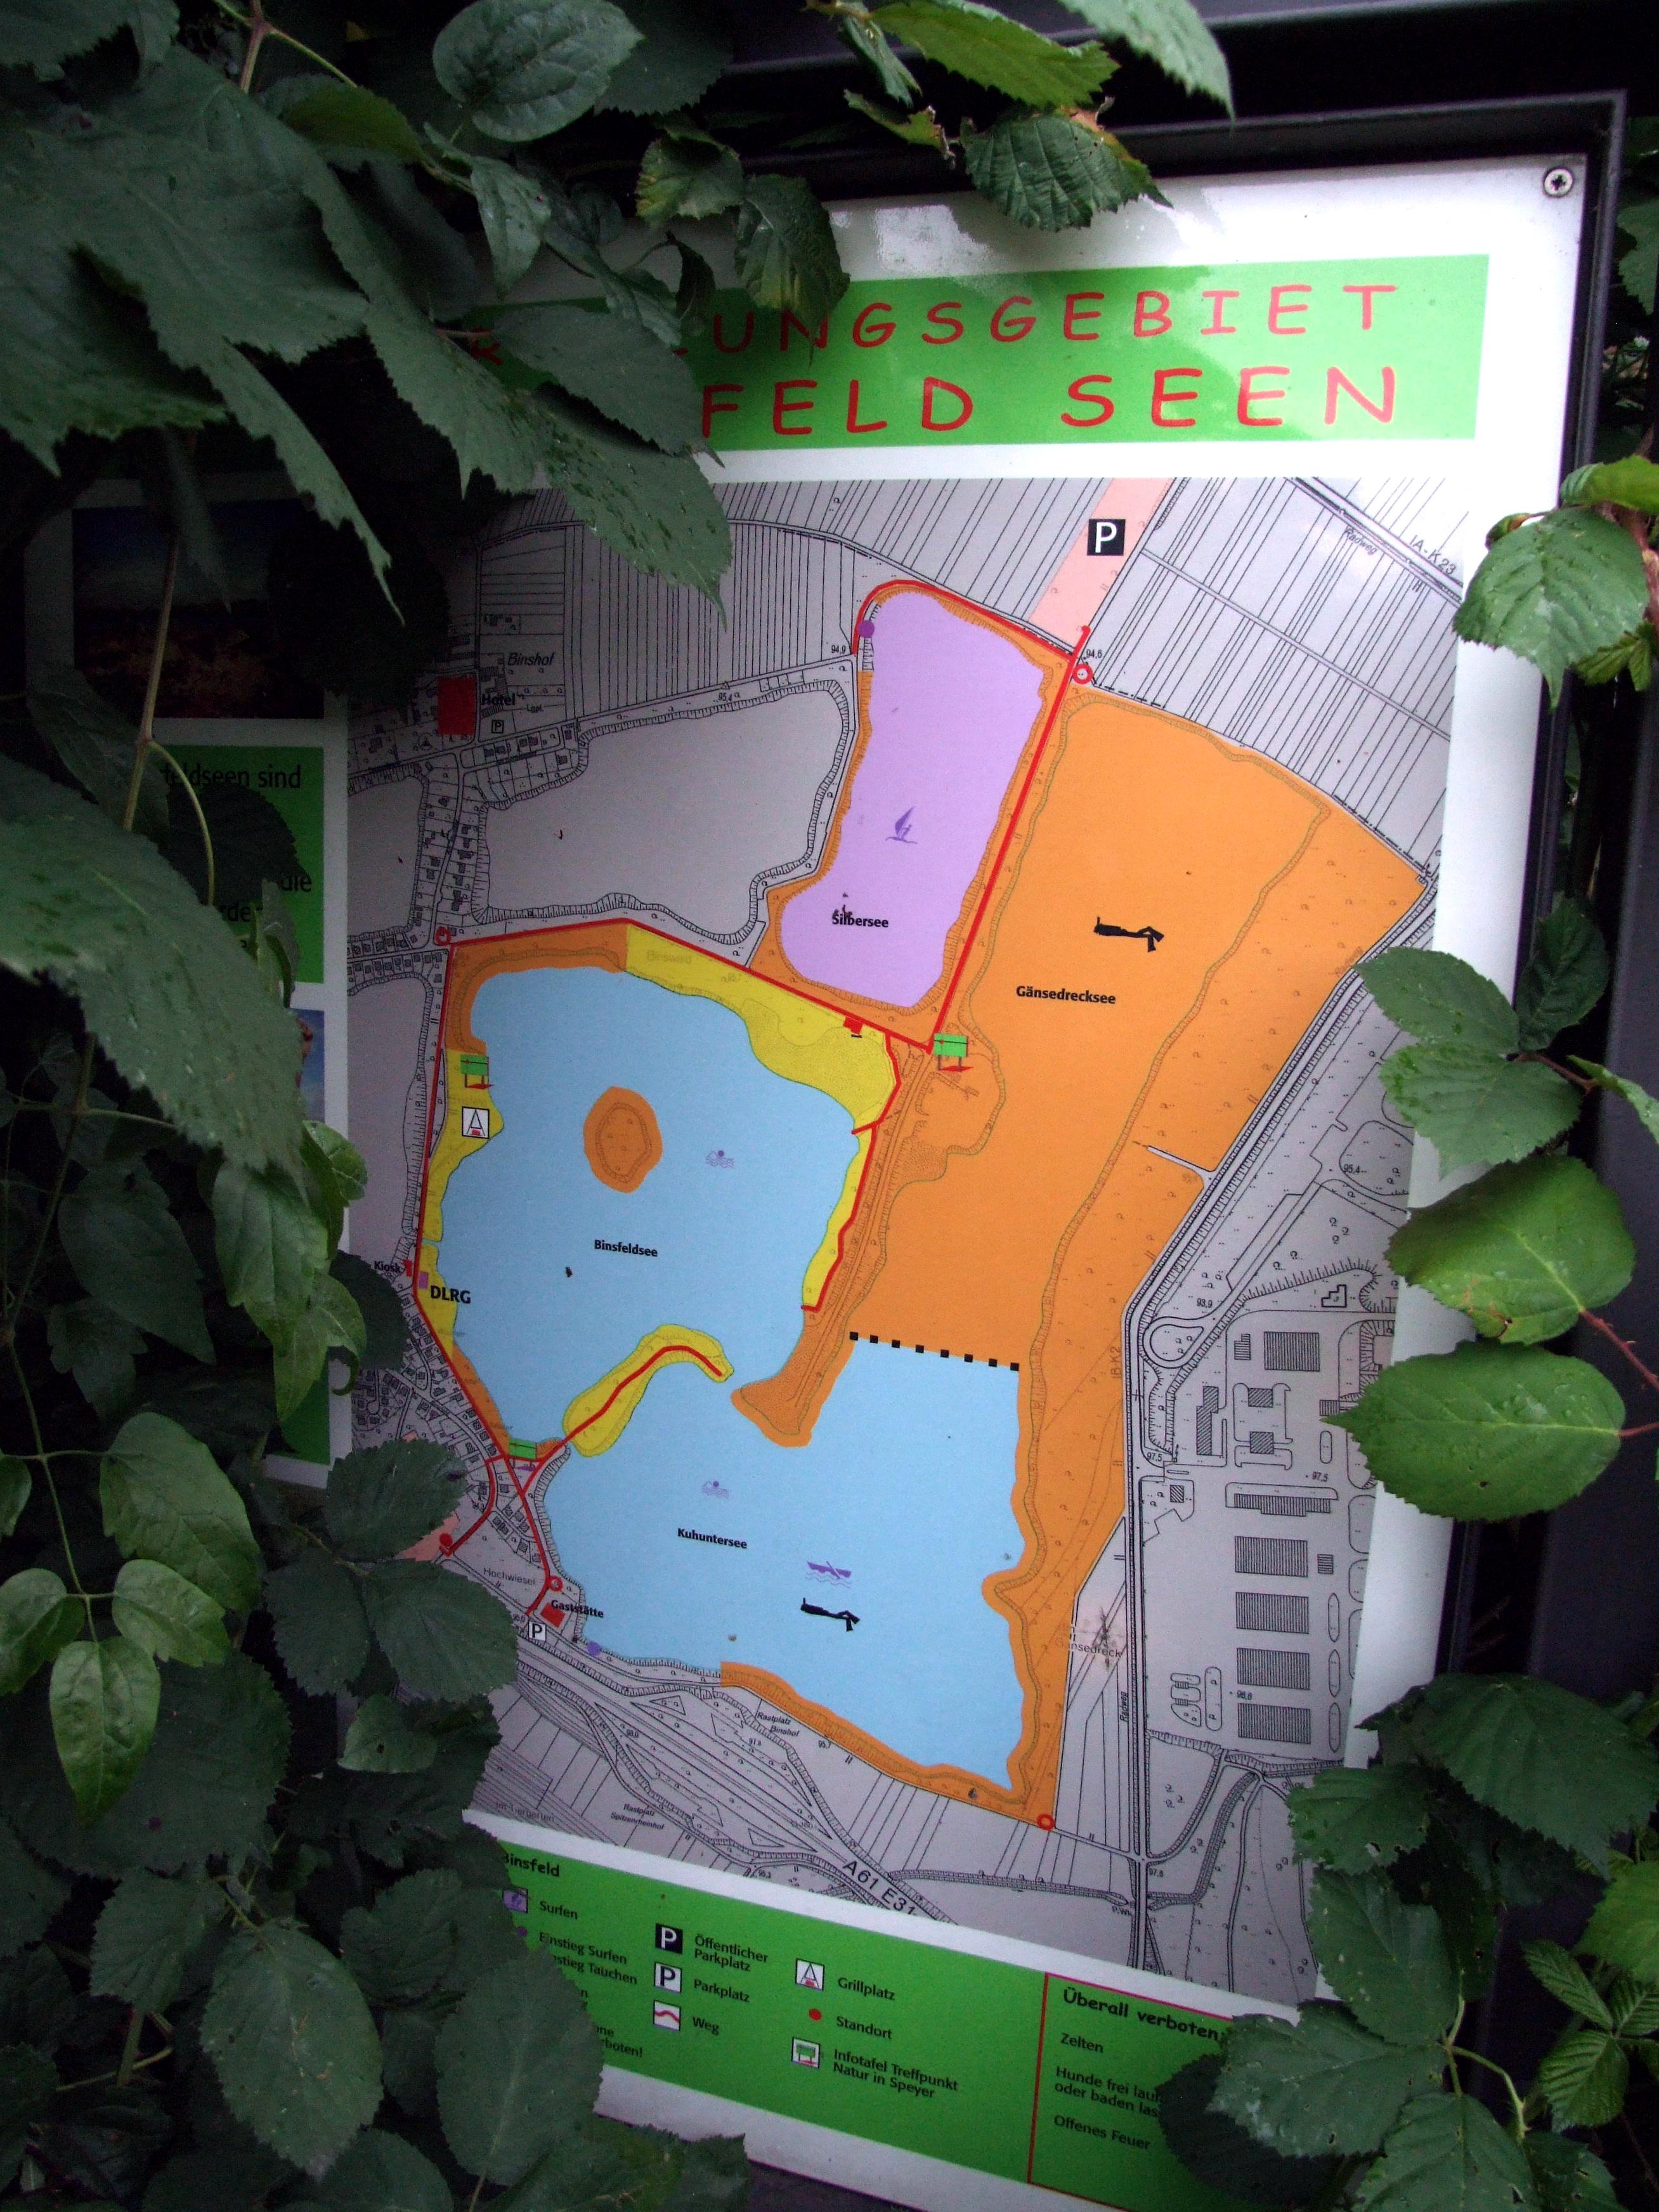 Fkk binsfeld speyer File:Ostufer des